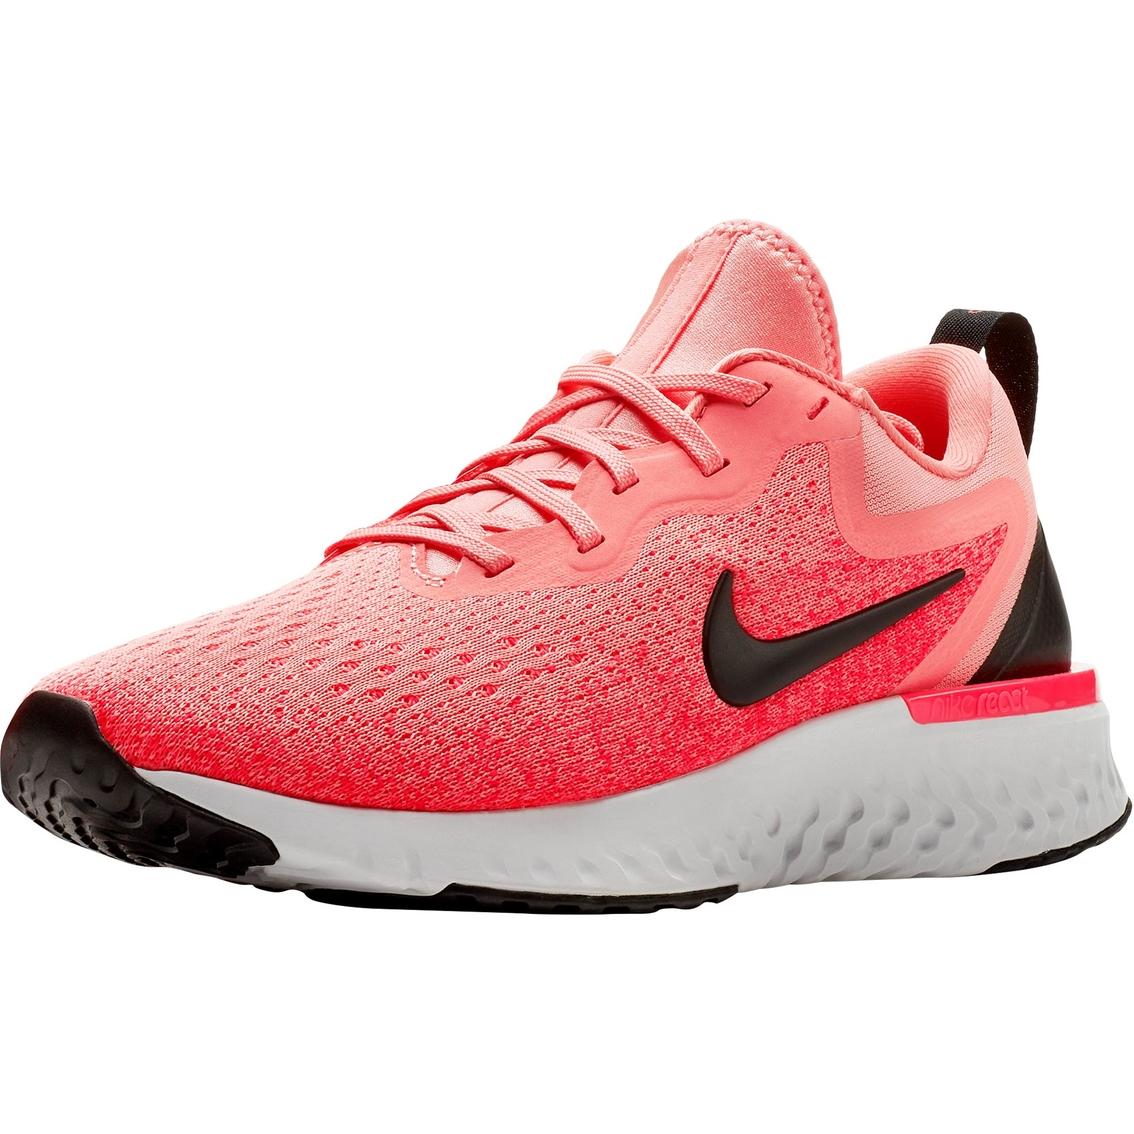 65da7cc5316b Nike Women s Odyssey React Running Shoes